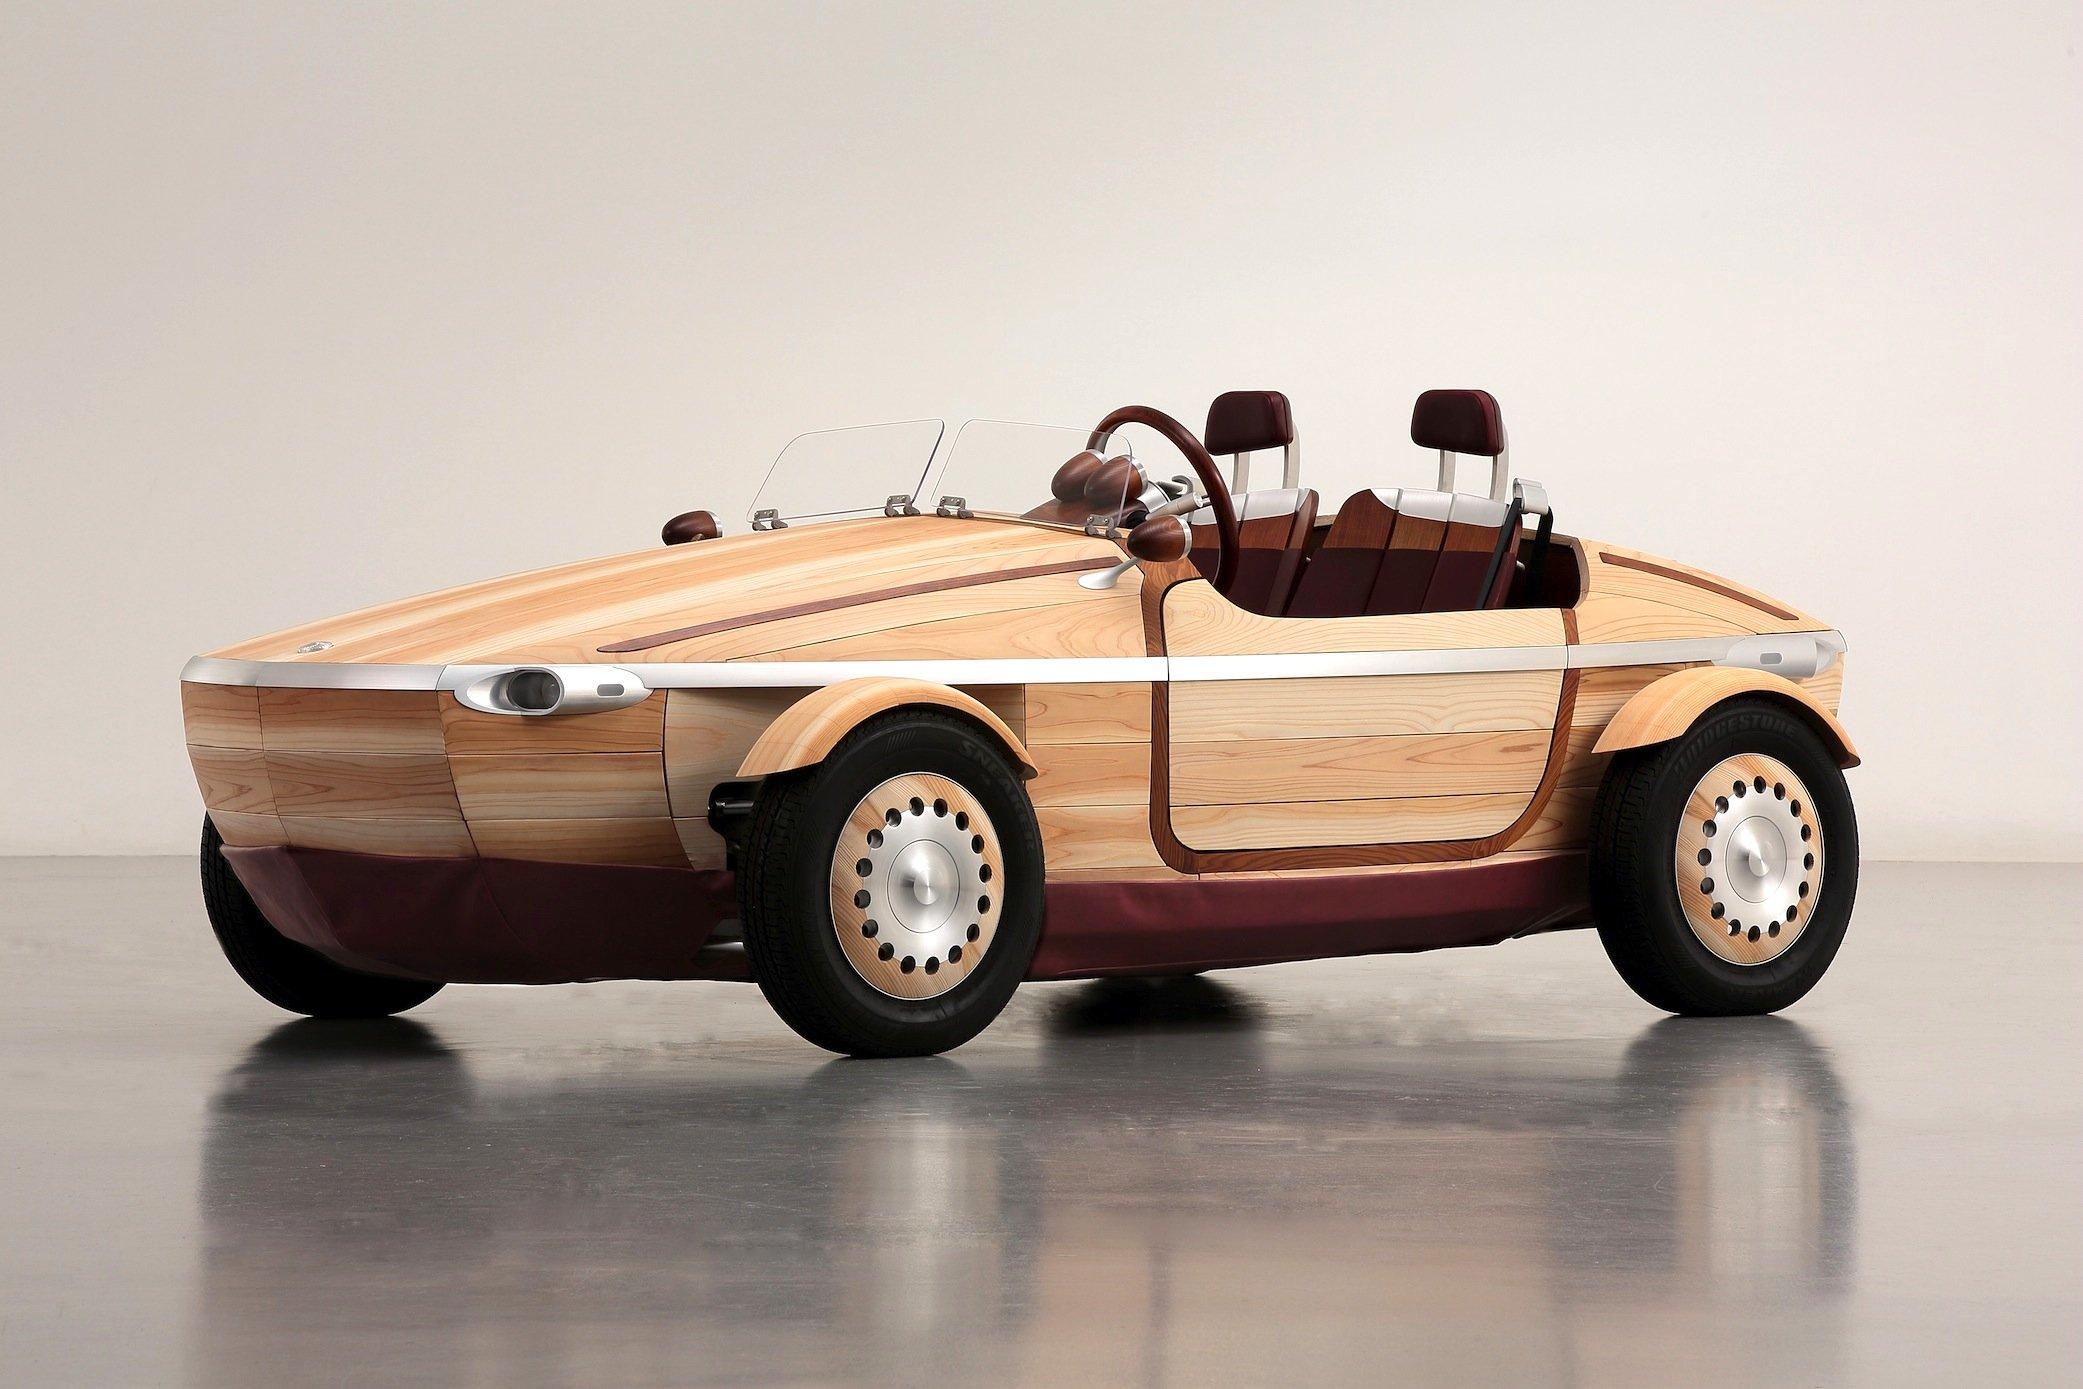 Wären da nicht die Räder, könnte der Toyota Setsuna als Boot durchgehen. Das Auto ist aus Holz gebaut, sogar die Sitze und das gesamte Interieur.